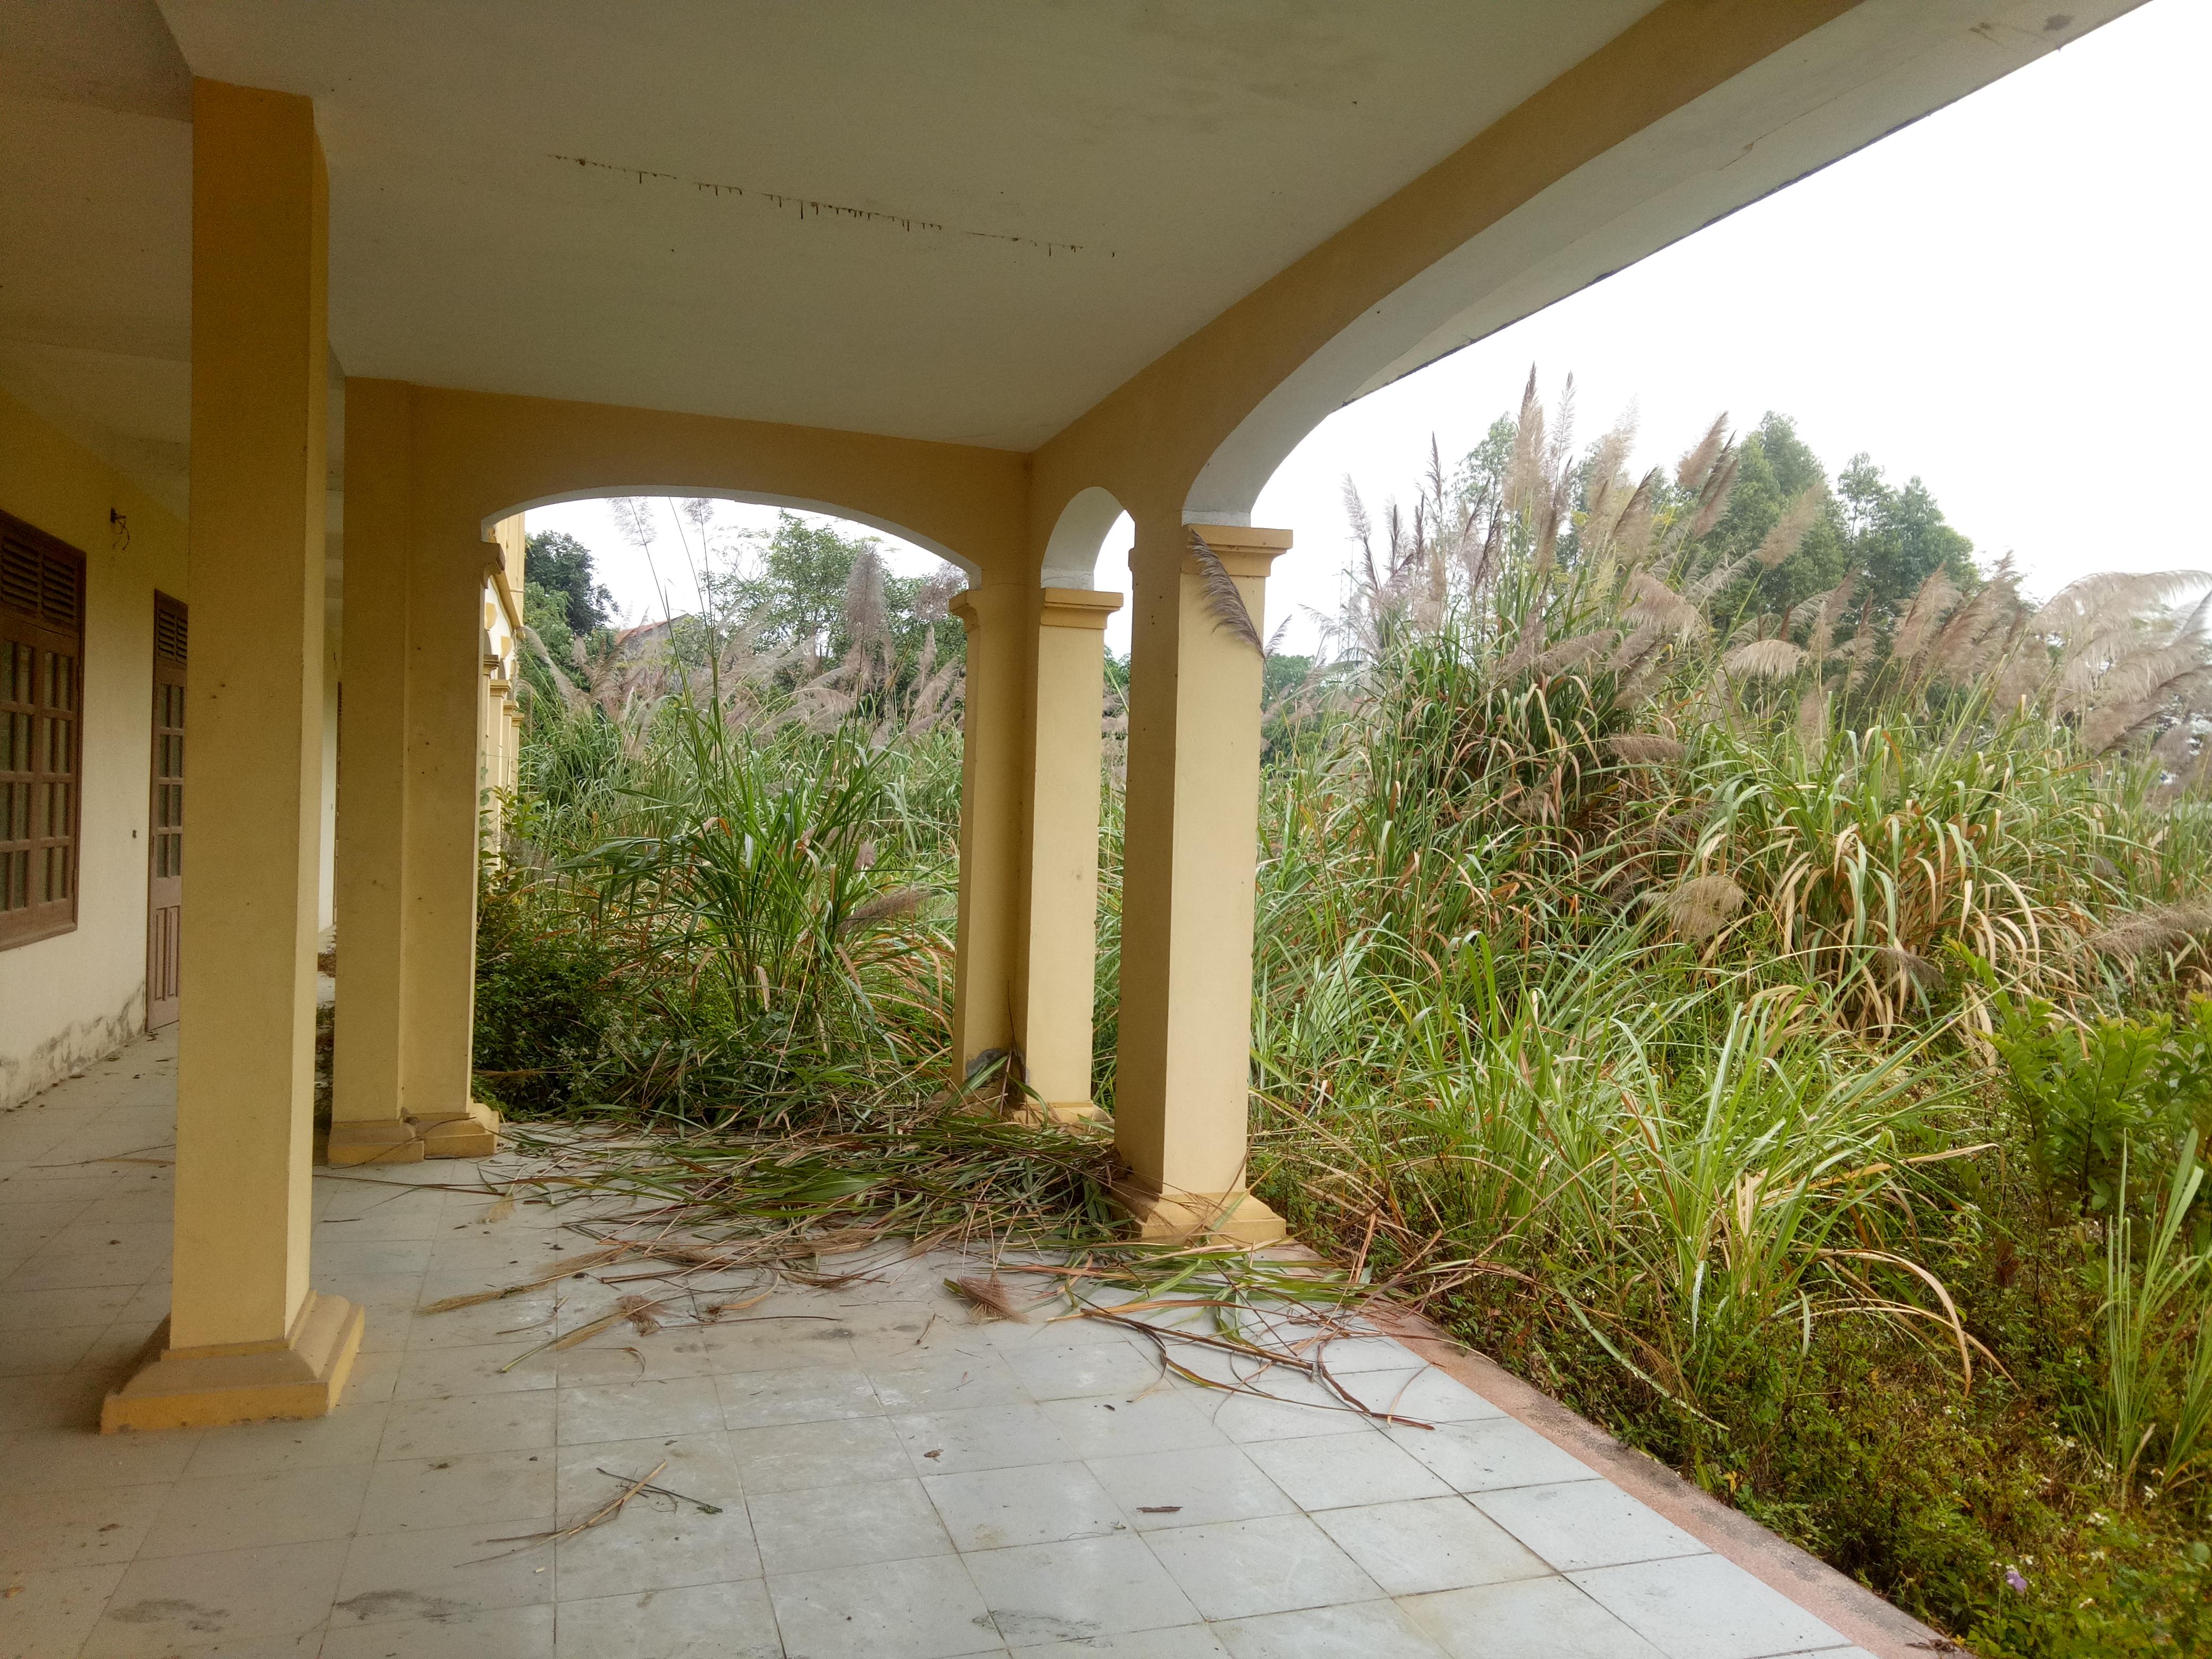 Nhiều người dân sống xung quanh dự án bày tỏ sự xót xa khi một dự án tiền tỷ, có ý nghĩa quan trọng trong việc phát triển của huyện lại bị bỏ hoang, đắp chiếu suốt nhiều năm.